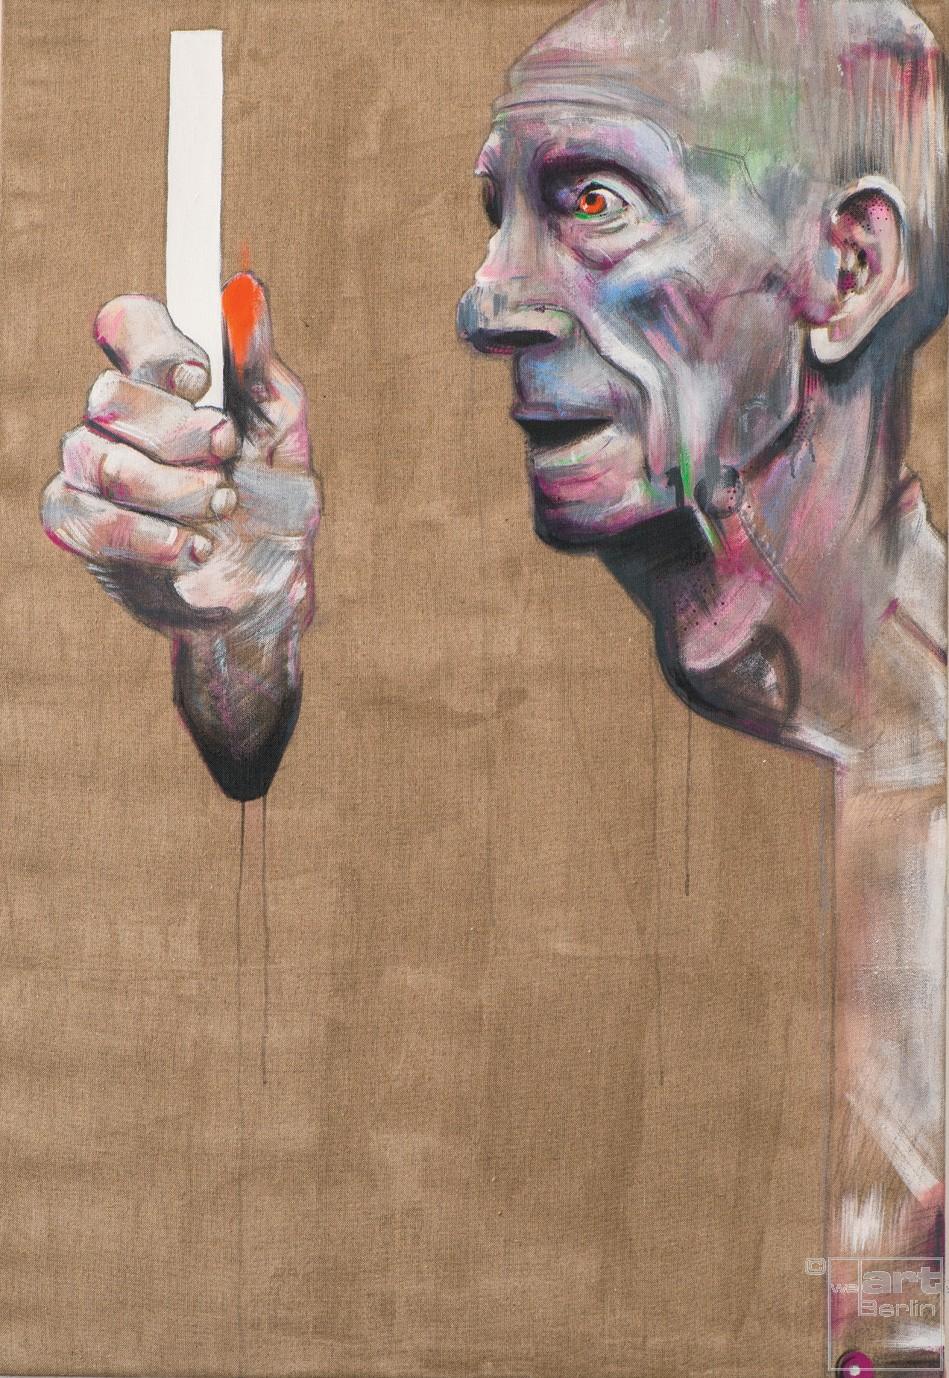 Fernblick | Malerei von Holger Weissflog, innerfields | Acryl auf Leinwand, Urban Art